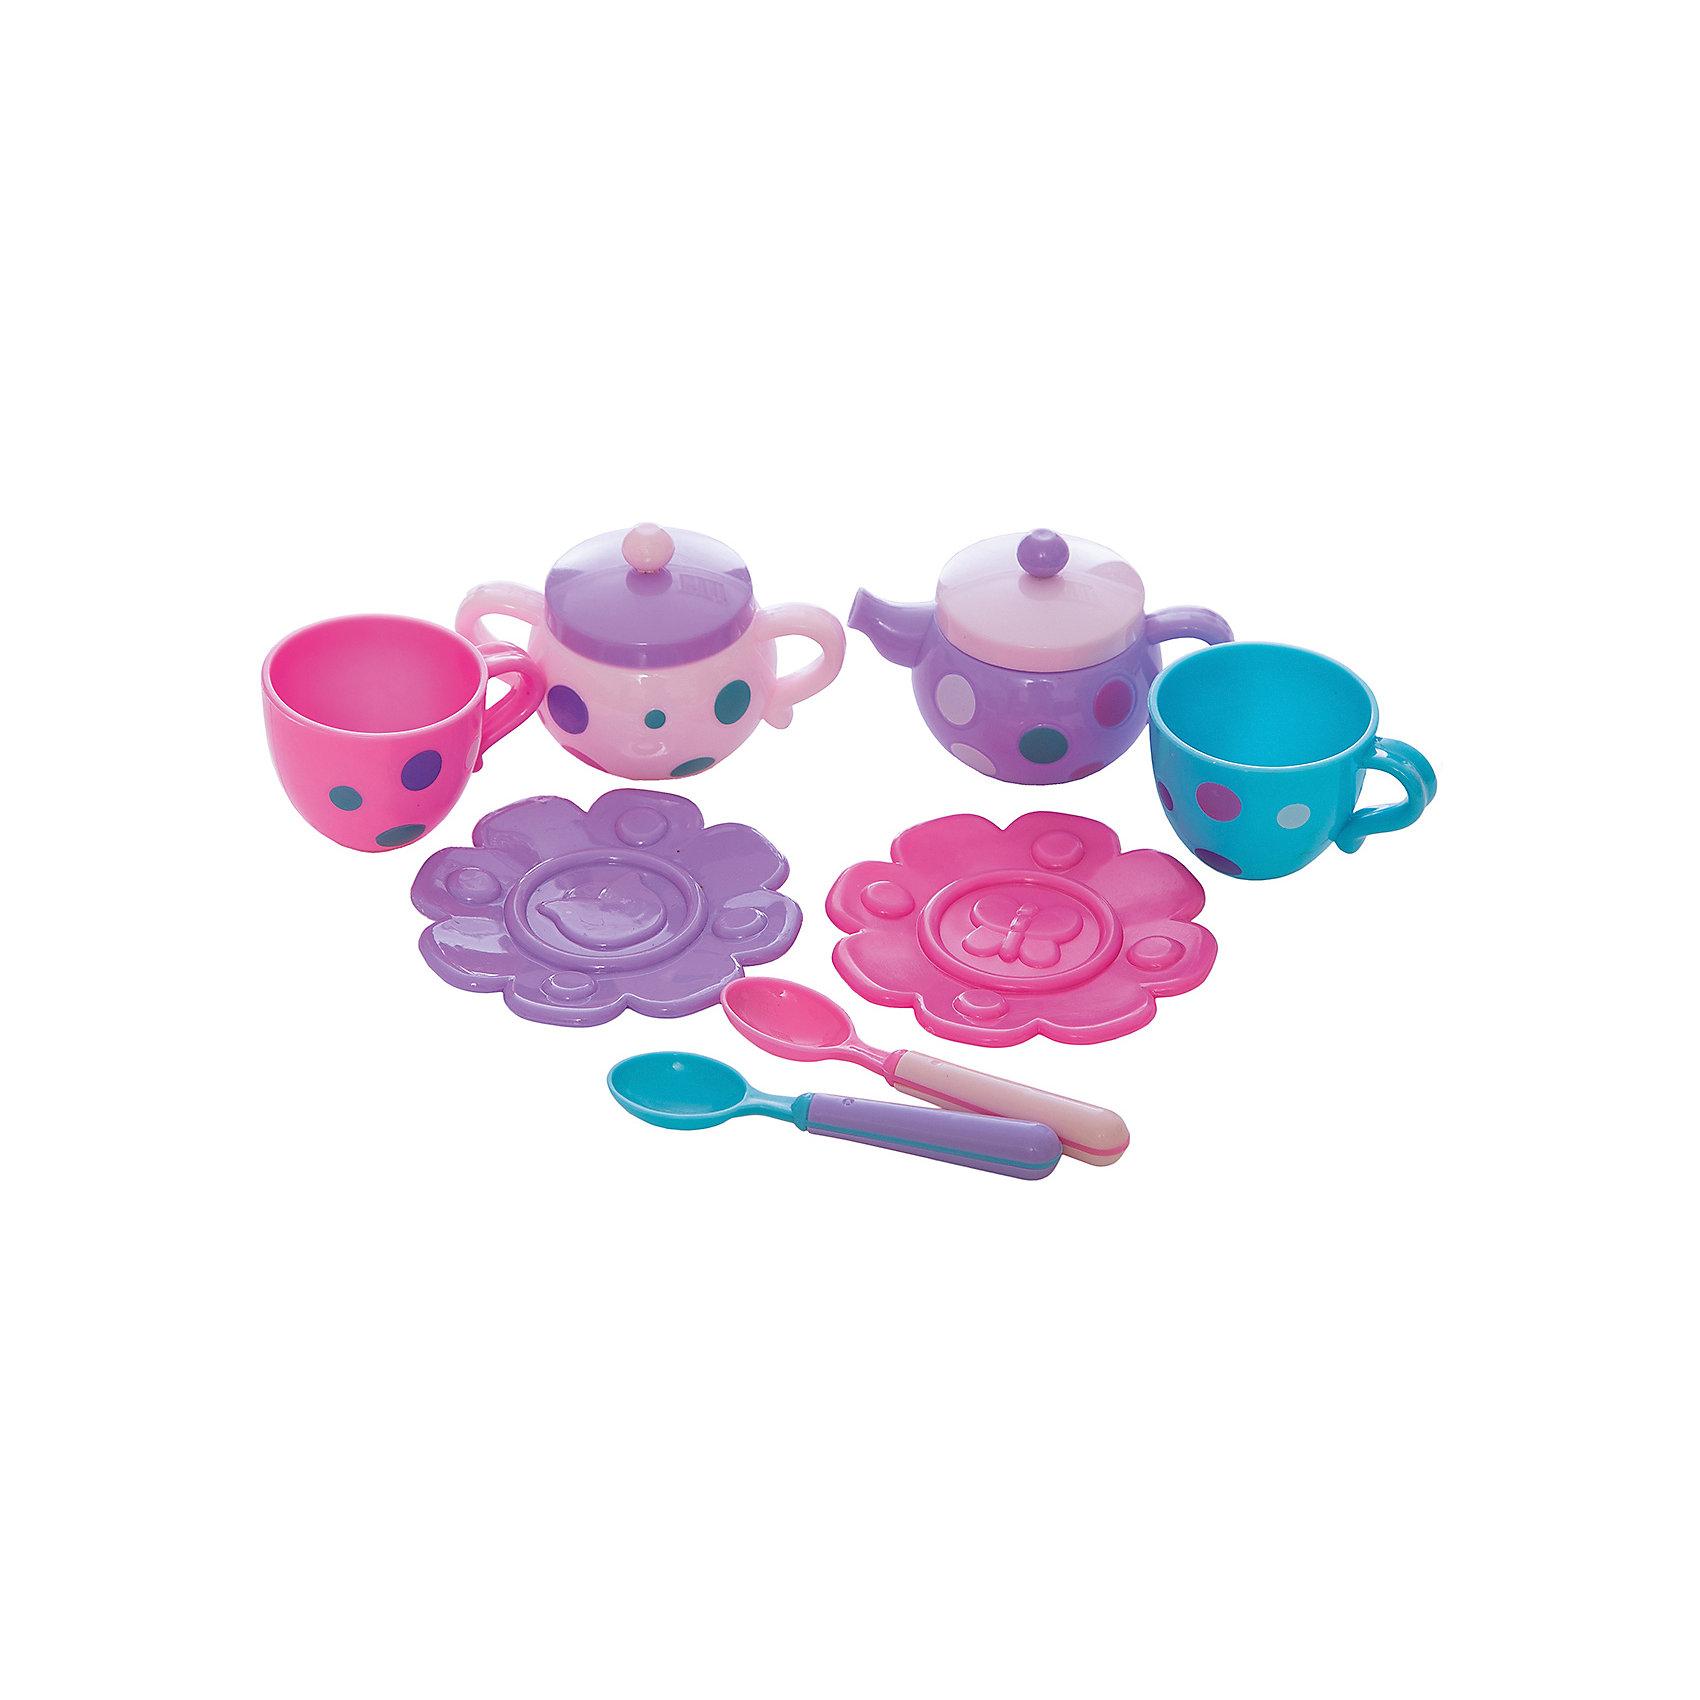 Набор посудки Чудесное чаепитие , MeLaLaПосуда и аксессуары для детской кухни<br>Набор посудки Чудесное чаепитие, MeLaLa.<br><br>Характеристики:<br><br>• яркий дизайн<br>• набор полностью безопасен для ребенка<br>• материал: пластик <br>• в комплекте: 2 чашки, 2 блюдца, 2 ложки, чайник, сахарница<br>• размер упаковки: 20х6х28 см<br>• вес: 210 грамм<br><br>Чудесное чаепитие - набор, который содержит всё, что необходимо для душевного вечера в компании любимых игрушек. С помощью этого набора девочка научится устраивать настоящие светские вечера. Блюдечки в виде цветом добавят уюта в атмосферу игры. А приятный дизайн посуды всегда будет радовать глаз!<br><br>Набор посудки Чудесное чаепитие, MeLaLa вы можете купить в нашем интернет-магазине.<br><br>Ширина мм: 280<br>Глубина мм: 60<br>Высота мм: 200<br>Вес г: 210<br>Возраст от месяцев: 36<br>Возраст до месяцев: 120<br>Пол: Женский<br>Возраст: Детский<br>SKU: 5017682